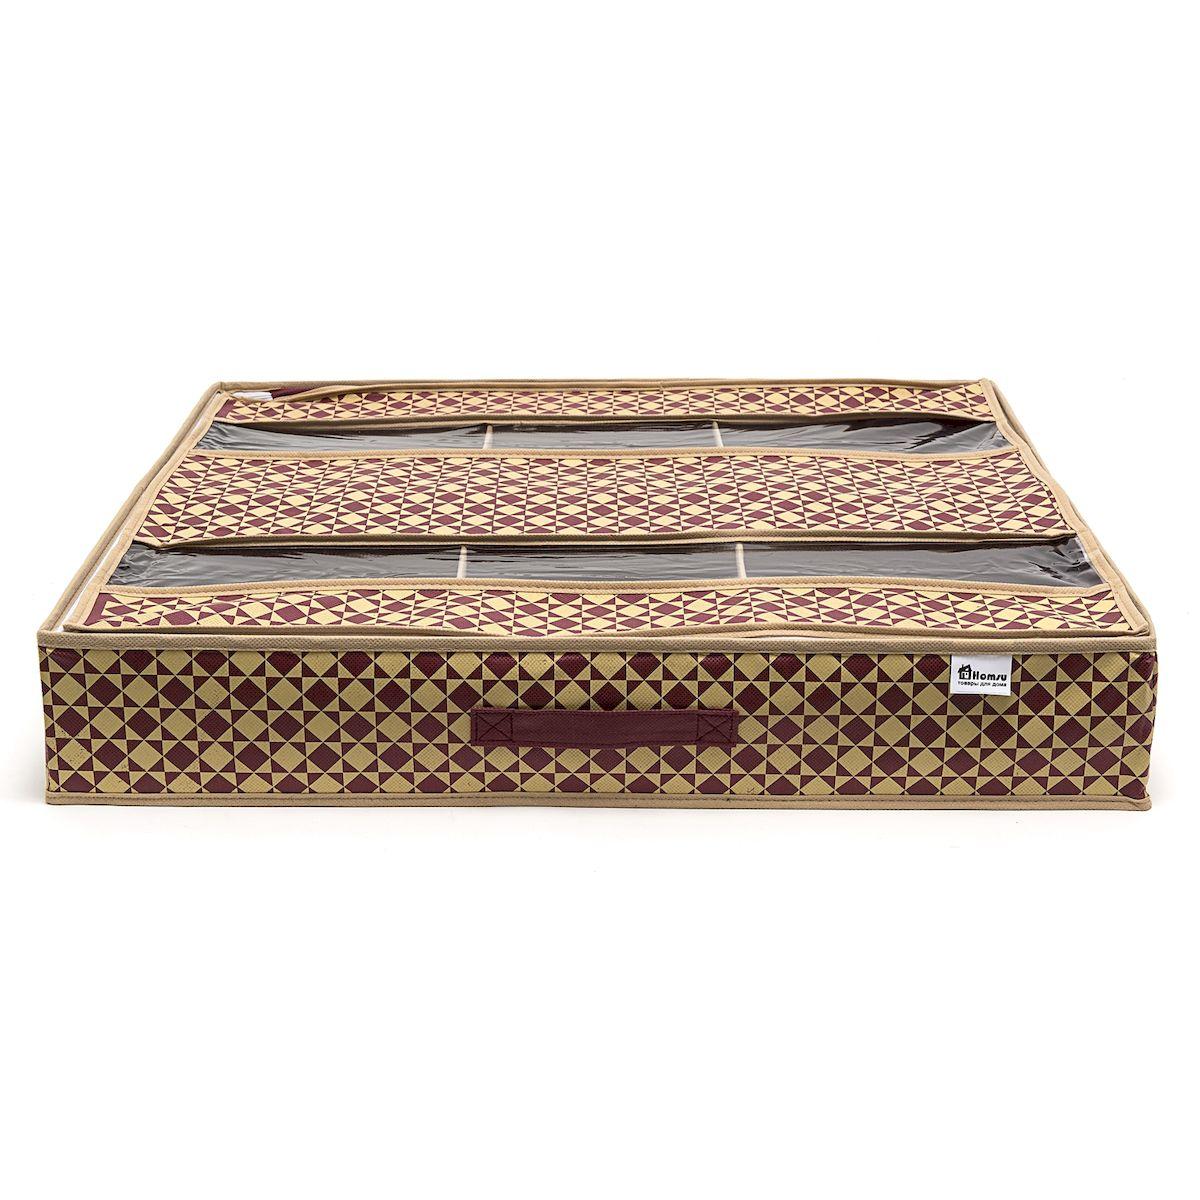 Органайзер для обуви Homsu Bordo, 66х63х11 смES-412Очень удобный способ хранить сезонную обувь. Шесть больших отделений размером 20см на 32см вмещают 6 пар обуви большого размера, высокий каблук, сапожки. Органайзер плоский, удобно хранить под кроватью или диваном. Внутренние секции можно моделировать под размеры обуви, например высокие сапоги. Имеет жесткие борта, что является гарантией сохраности вещей. Фактический цвет может отличаться от заявленного. Размер изделия: 66x63x11см